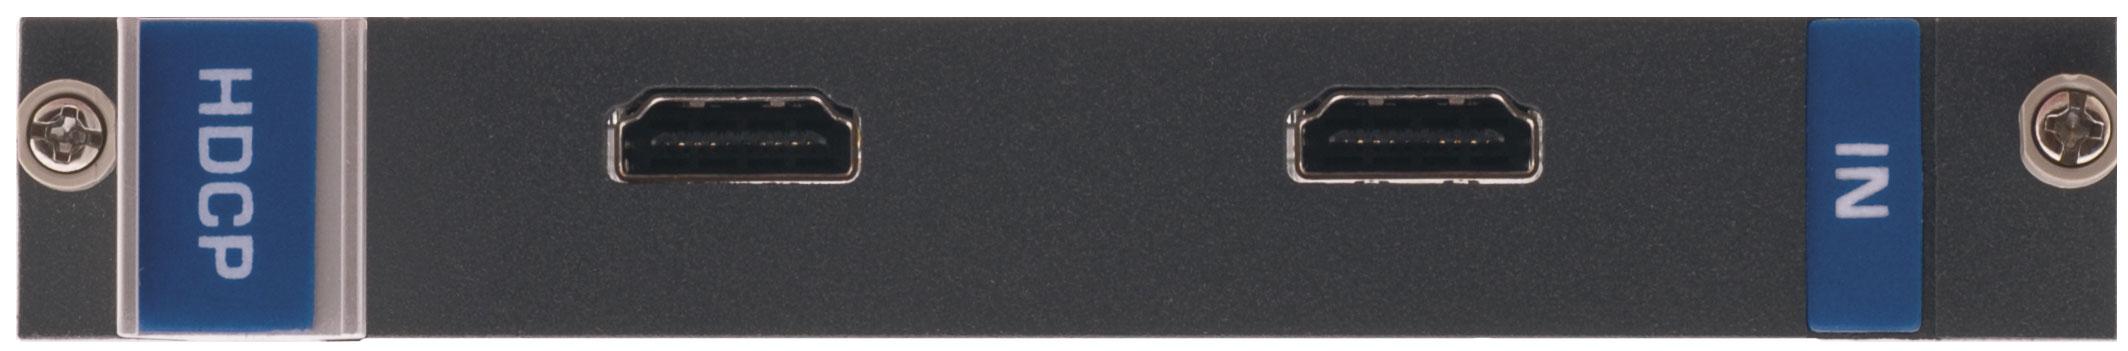 Kramer H-IN2-F16  2-Input HDMI Card for VS-1616D H-IN2-F16